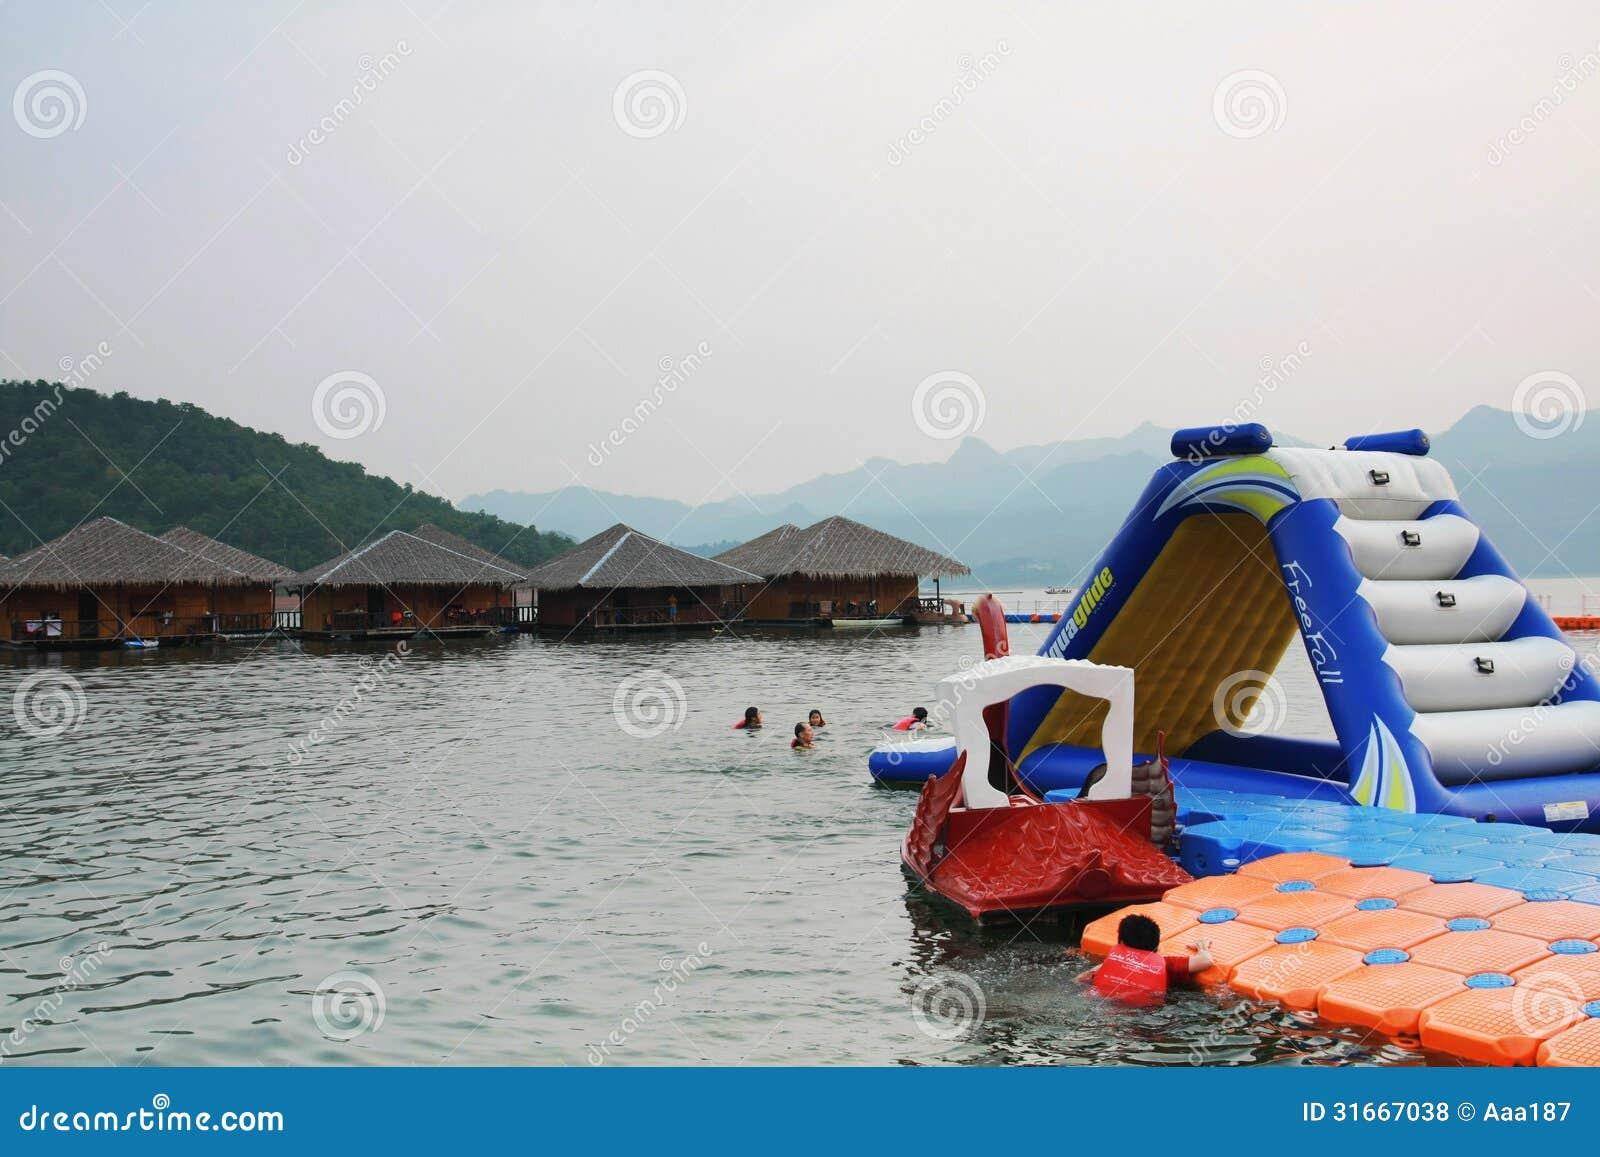 Activit de l 39 eau la r sidence de flottement de maison dans kanchanaburi la tha lande photo - Activite a la maison ...